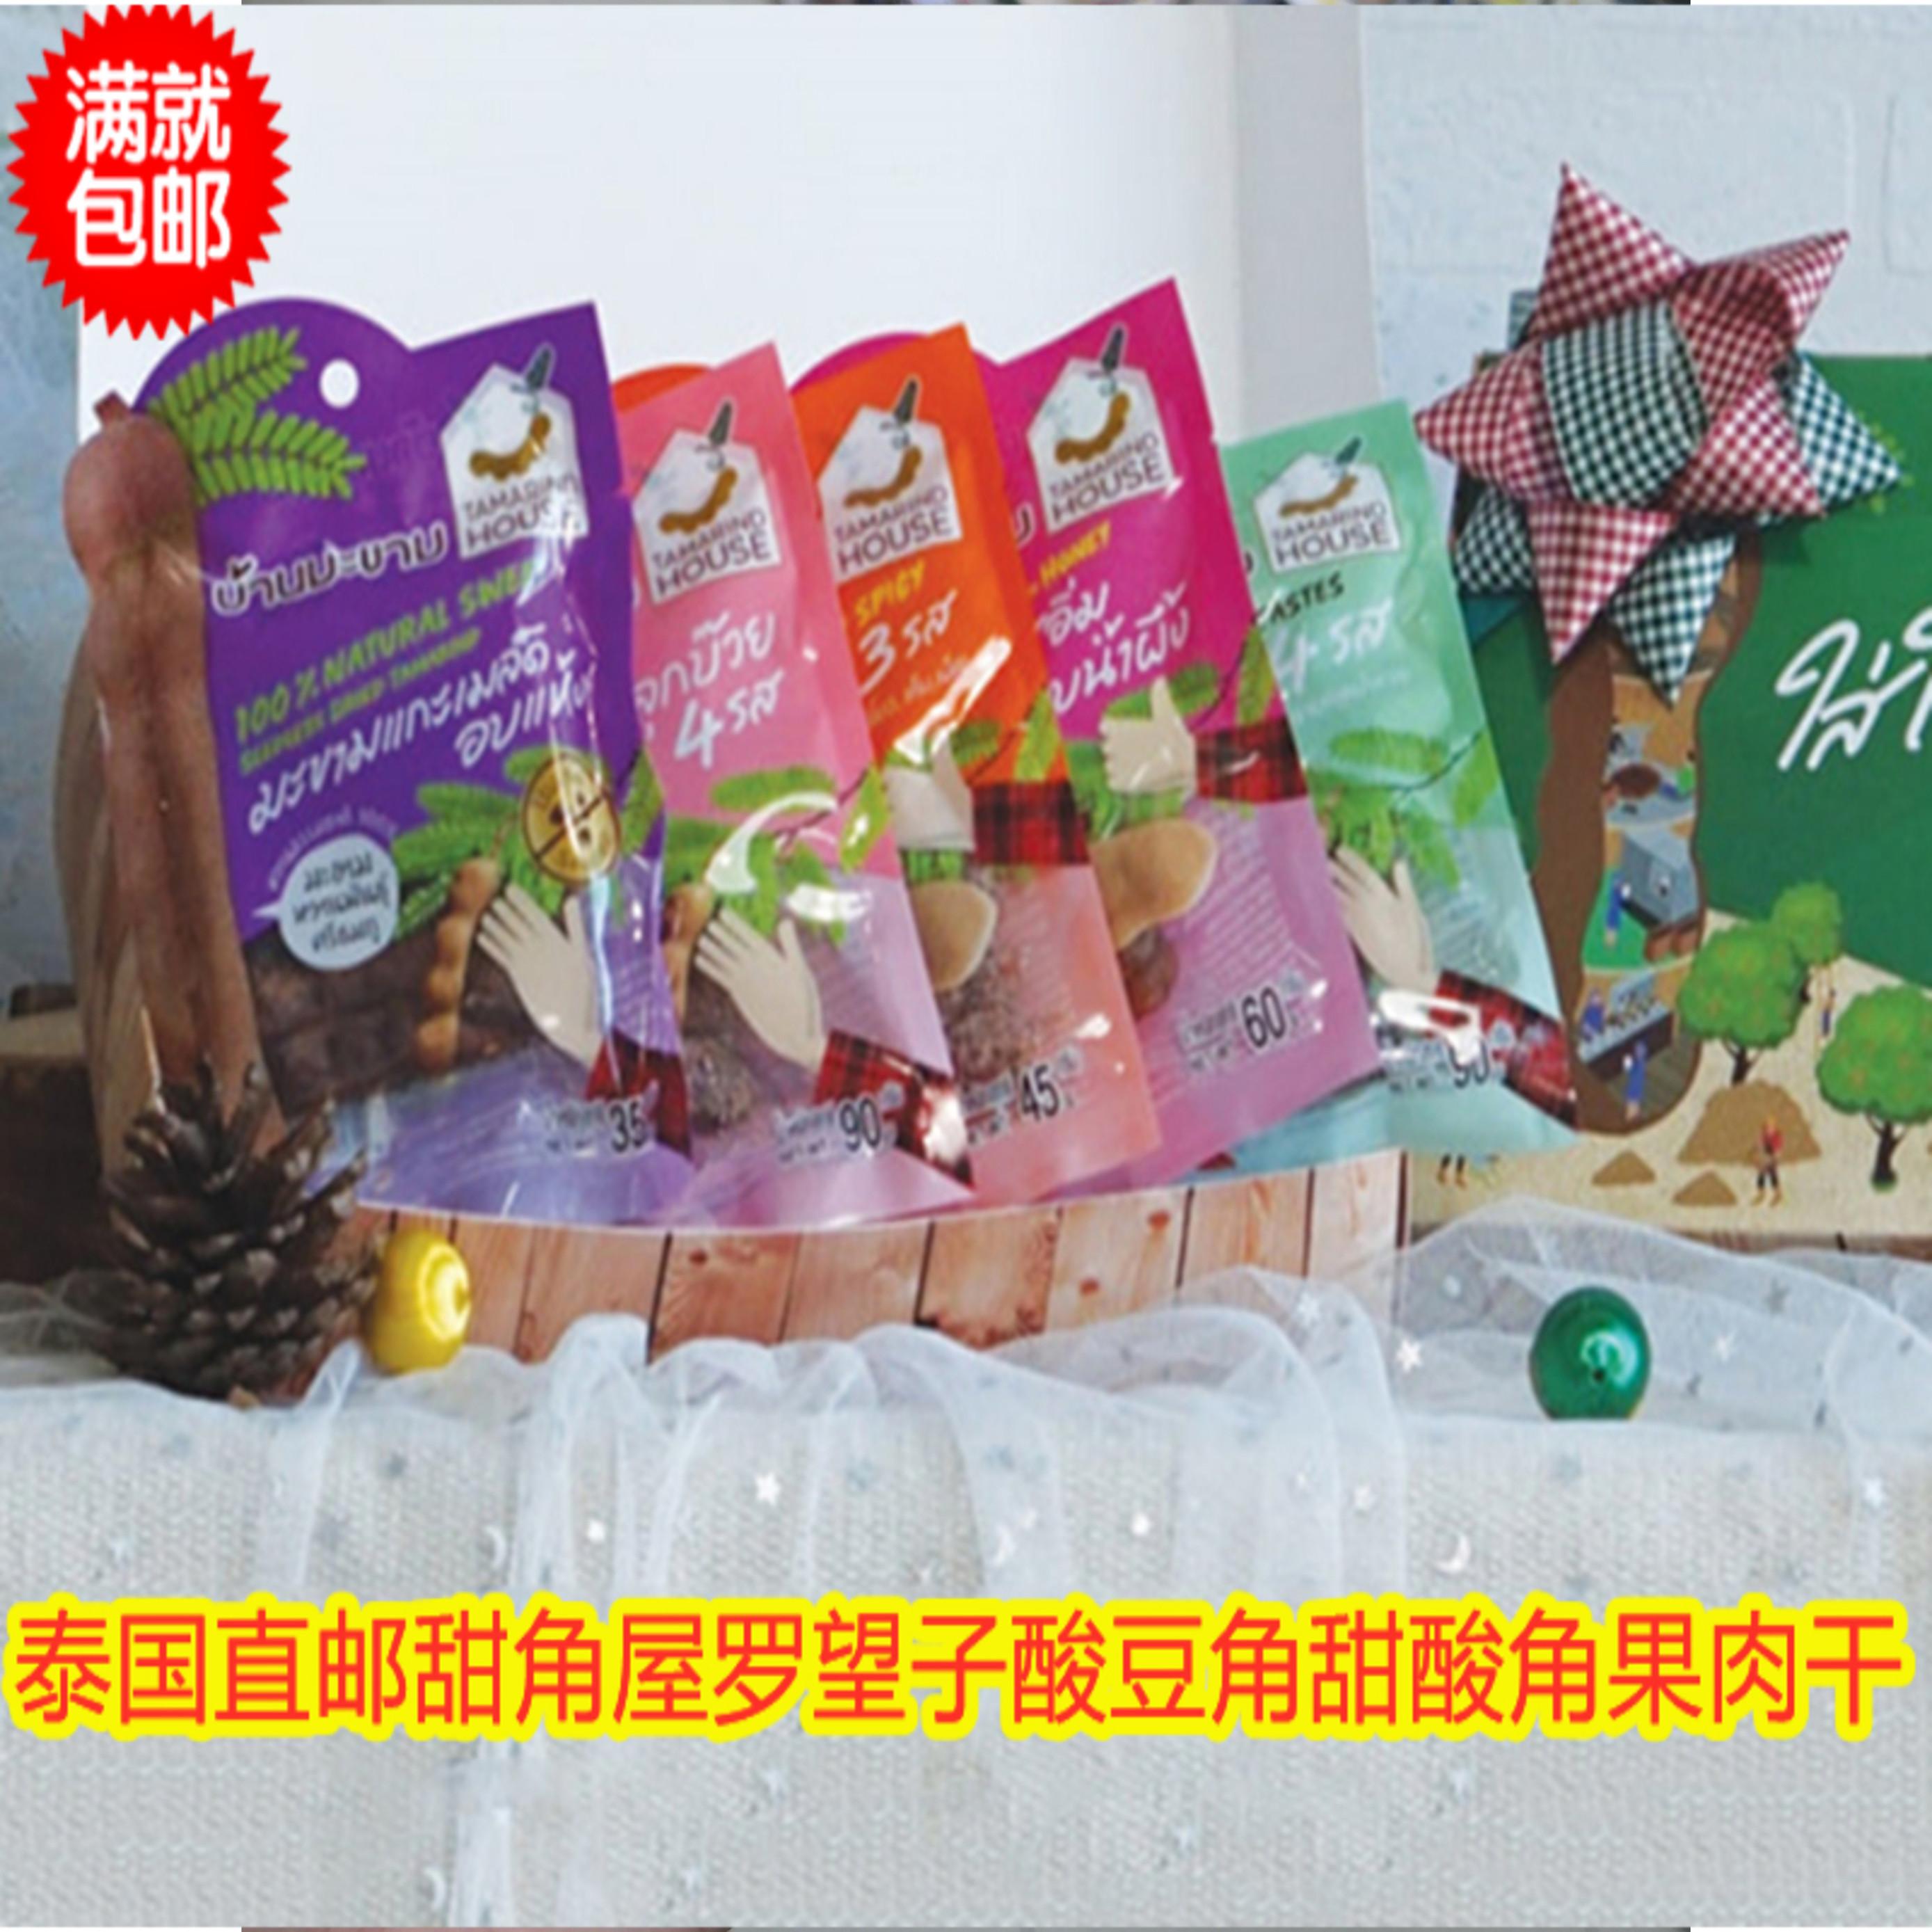 泰国直邮711TAMARIND HOUSE罗望子酸豆角甜酸角果肉干90g满百包邮